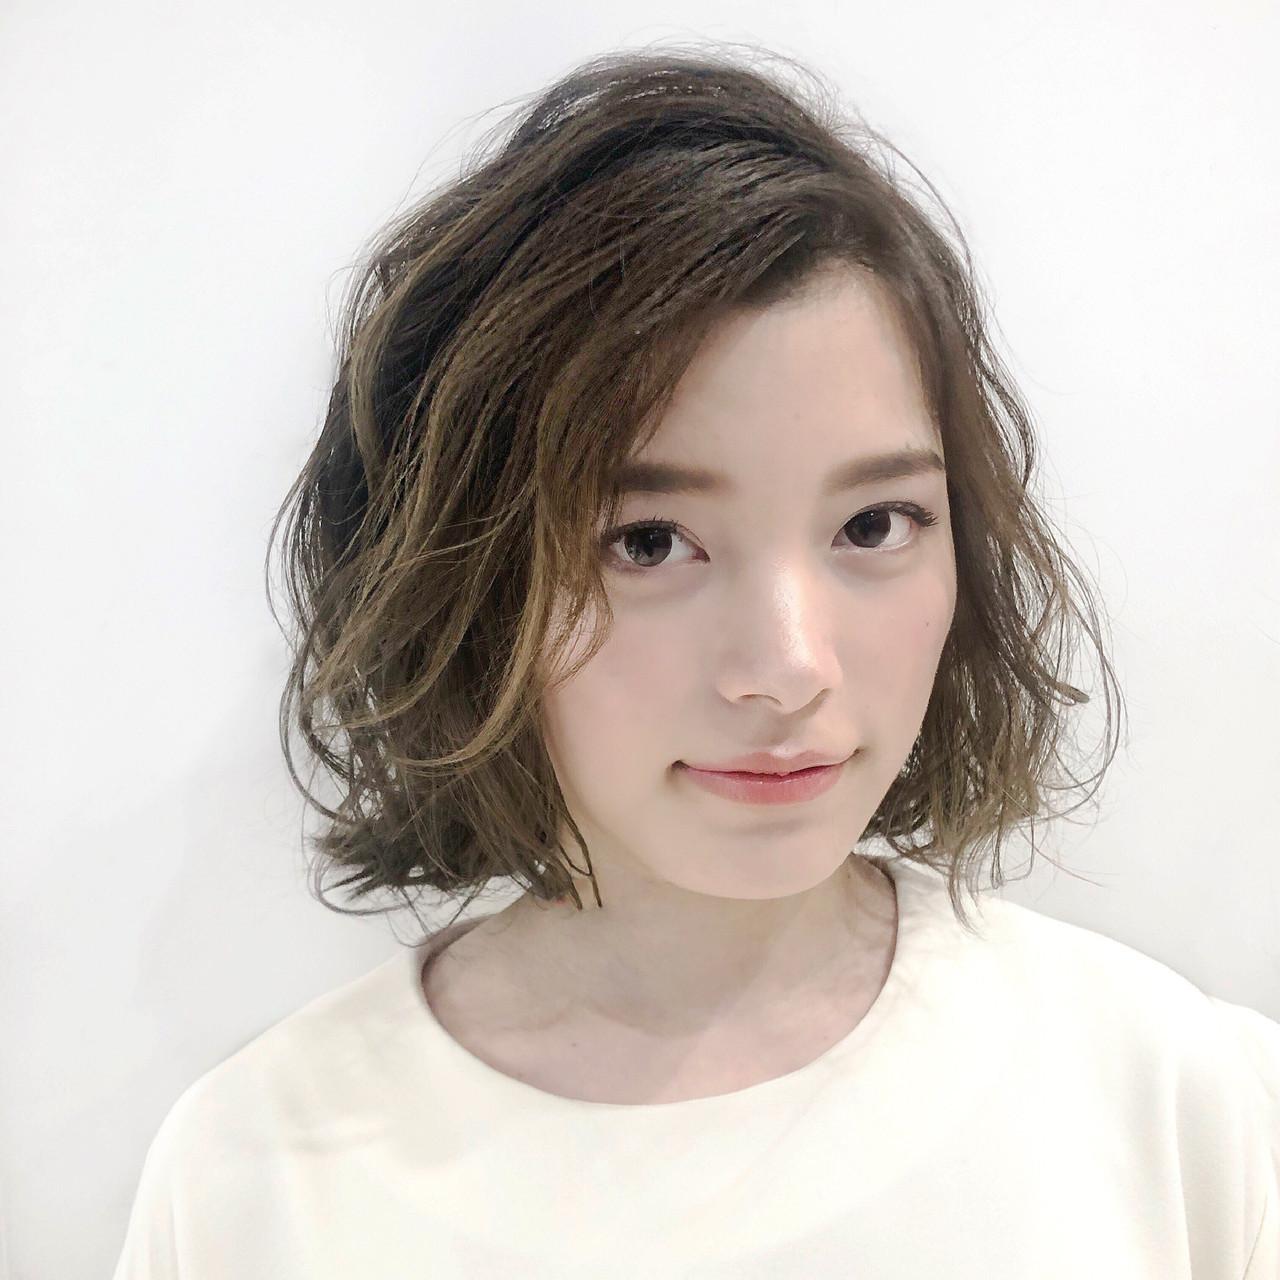 ハイライト パーマ アッシュ フェミニン ヘアスタイルや髪型の写真・画像